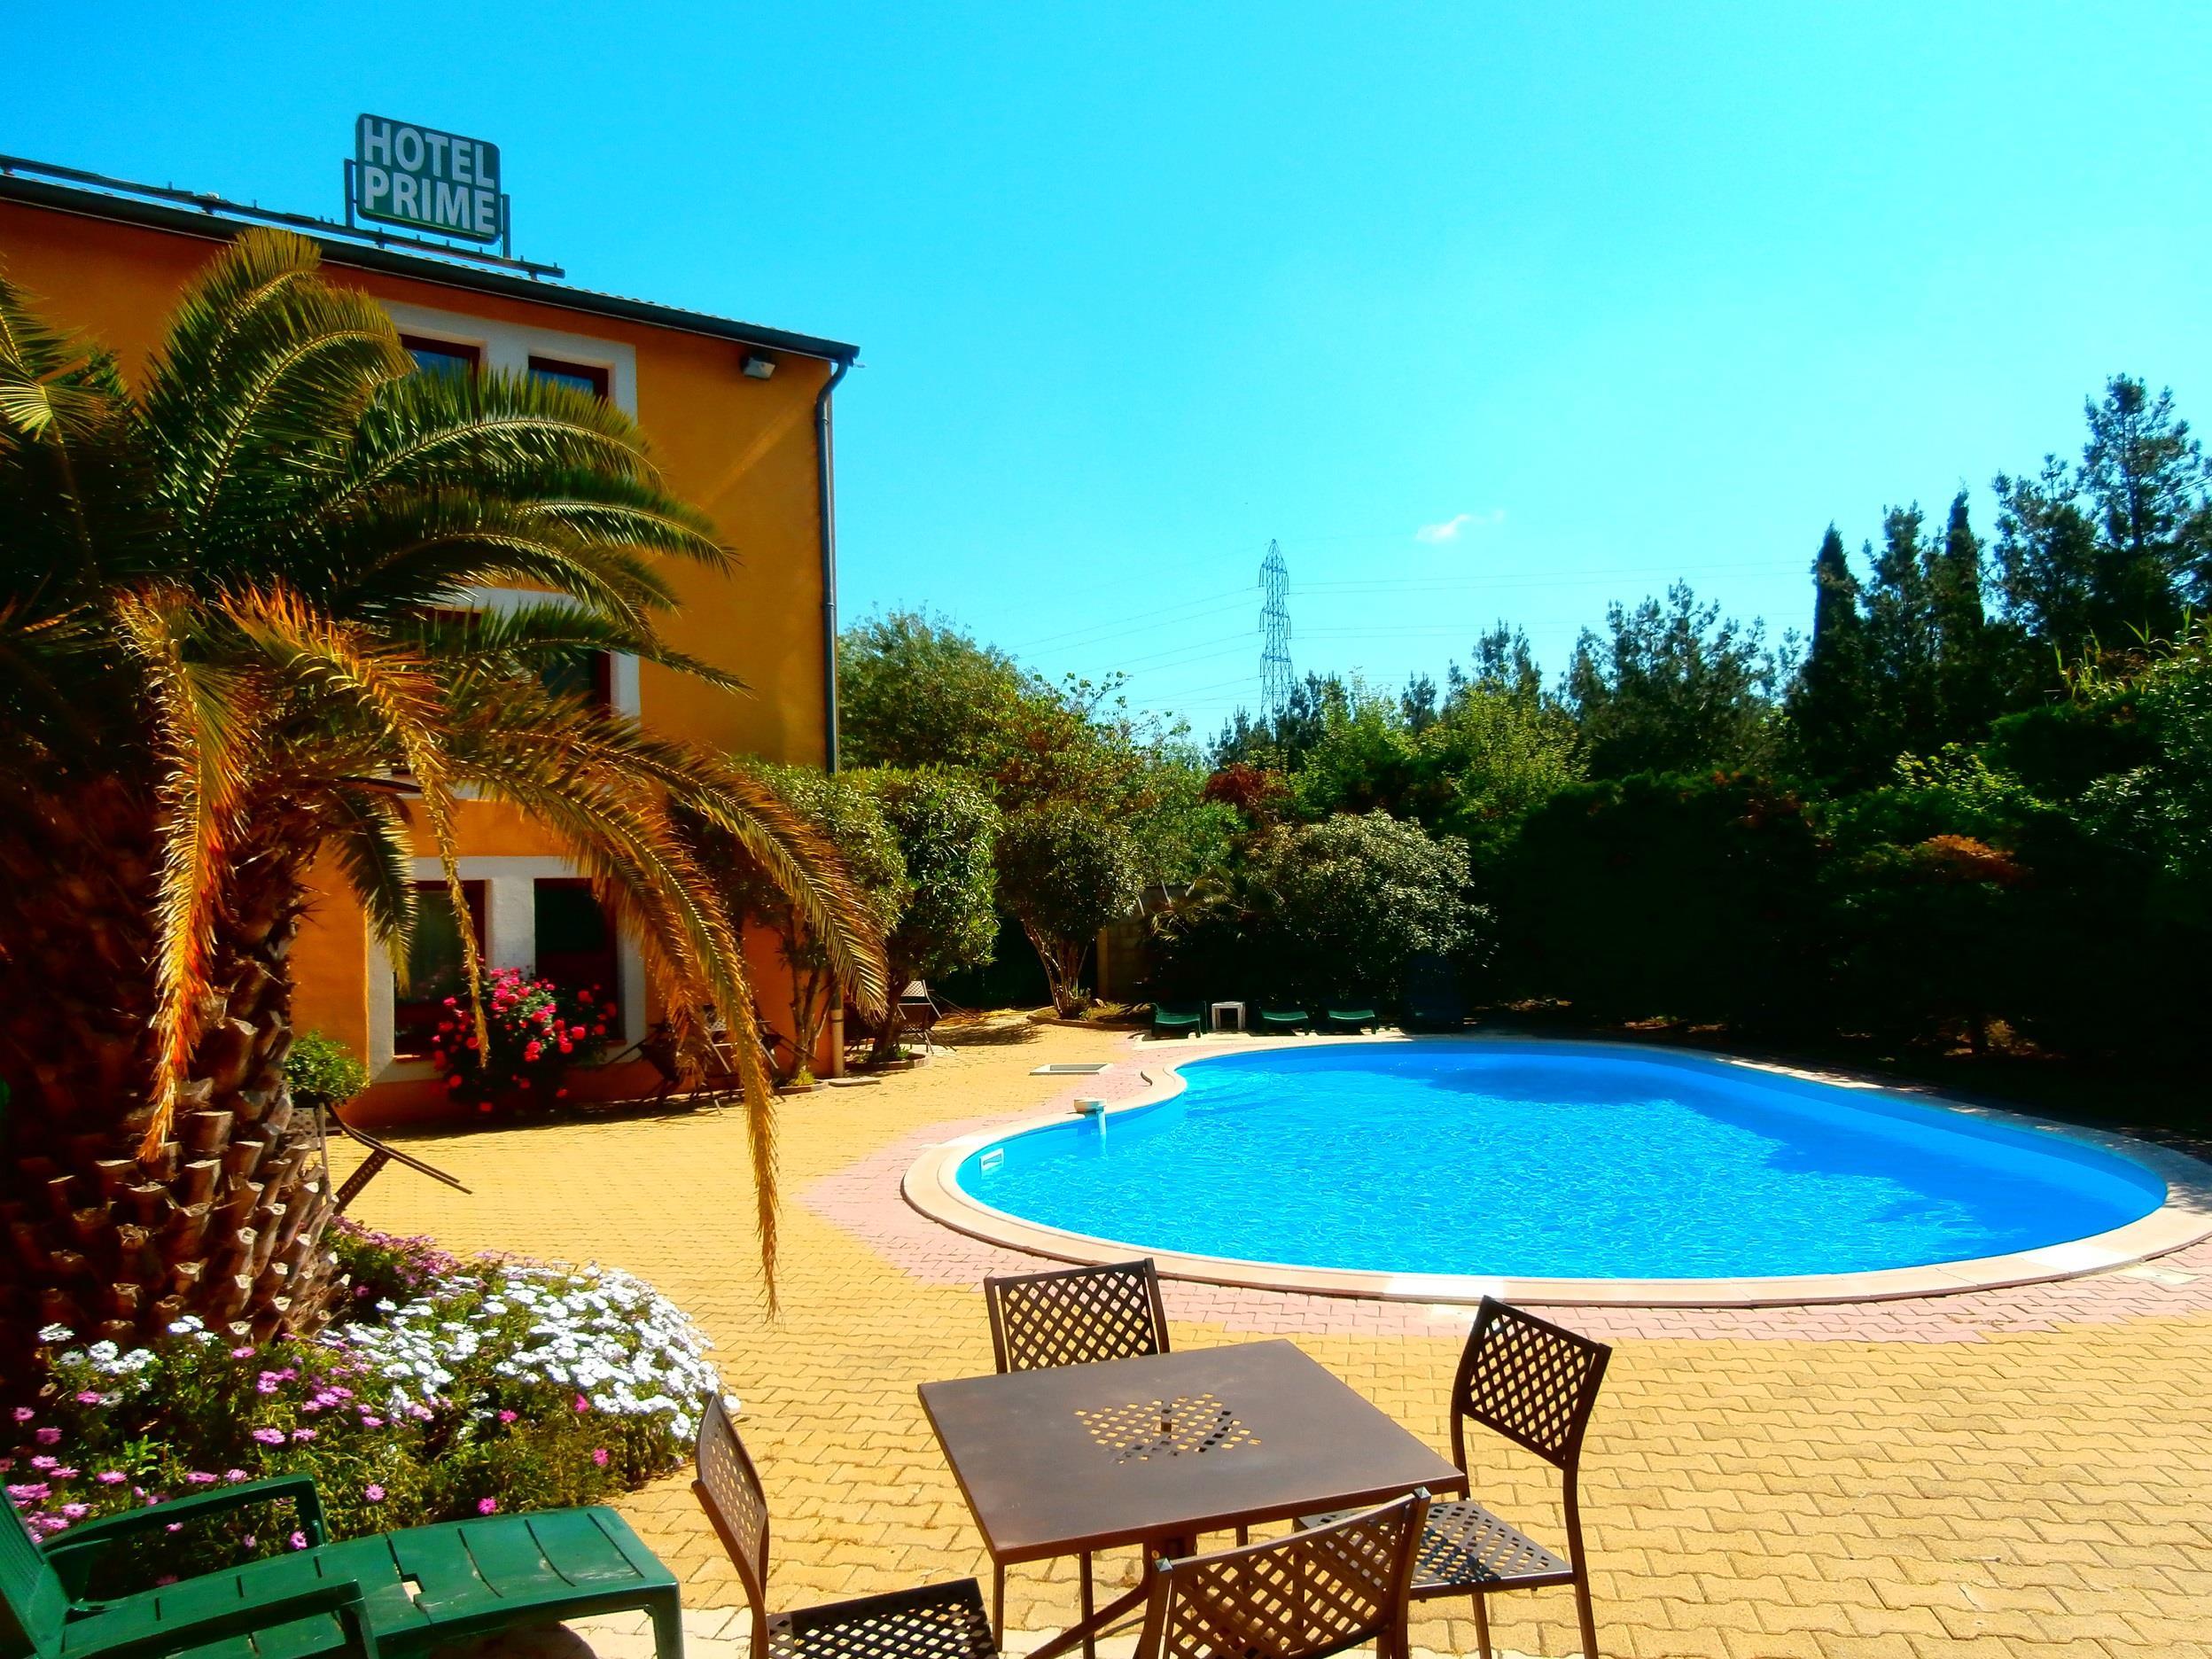 Citotel Hotel Prime - A709, Saint-Jean-De-Vedas ... dedans Piscine Saint Jean De Vedas